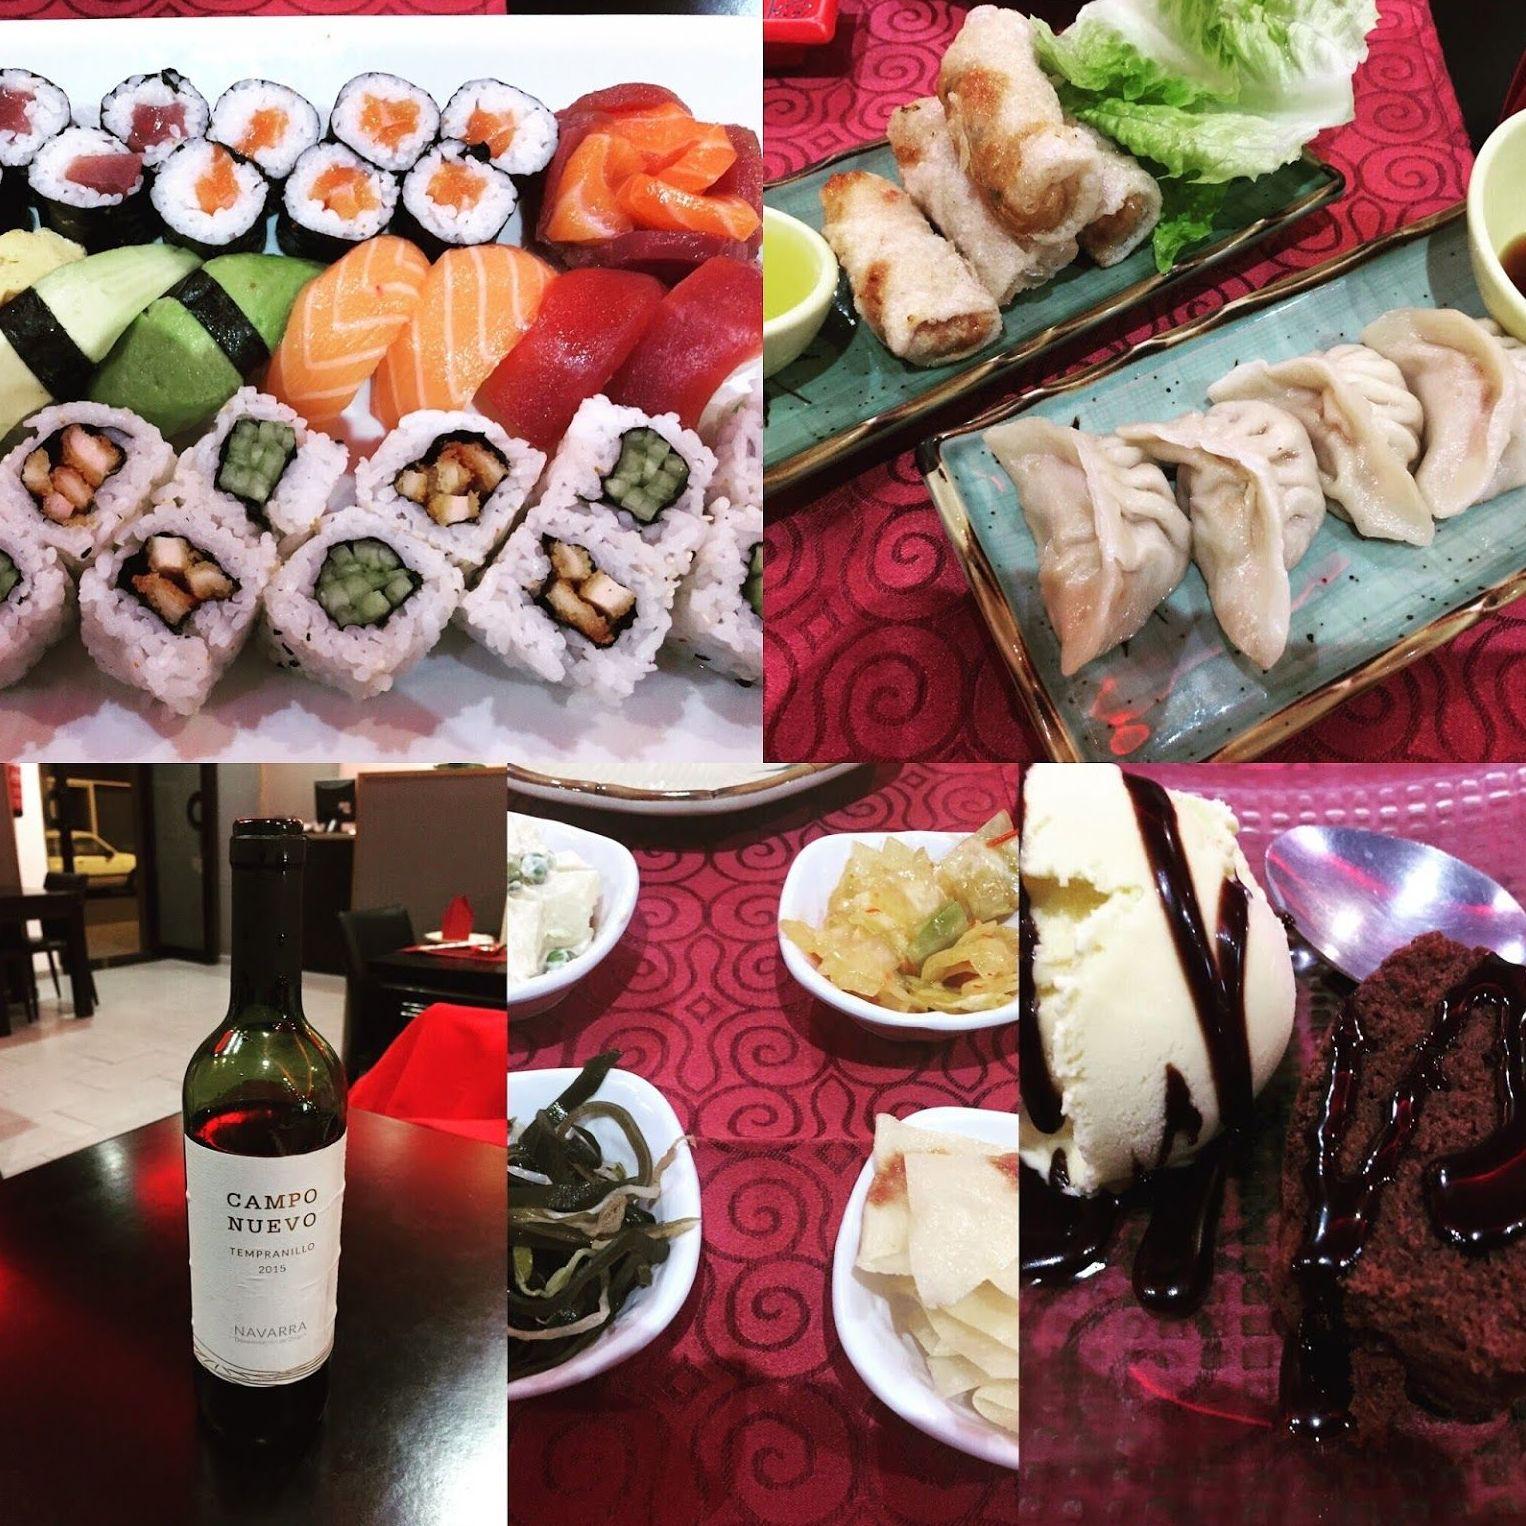 Servicio de comida japonesa en Las Palmas